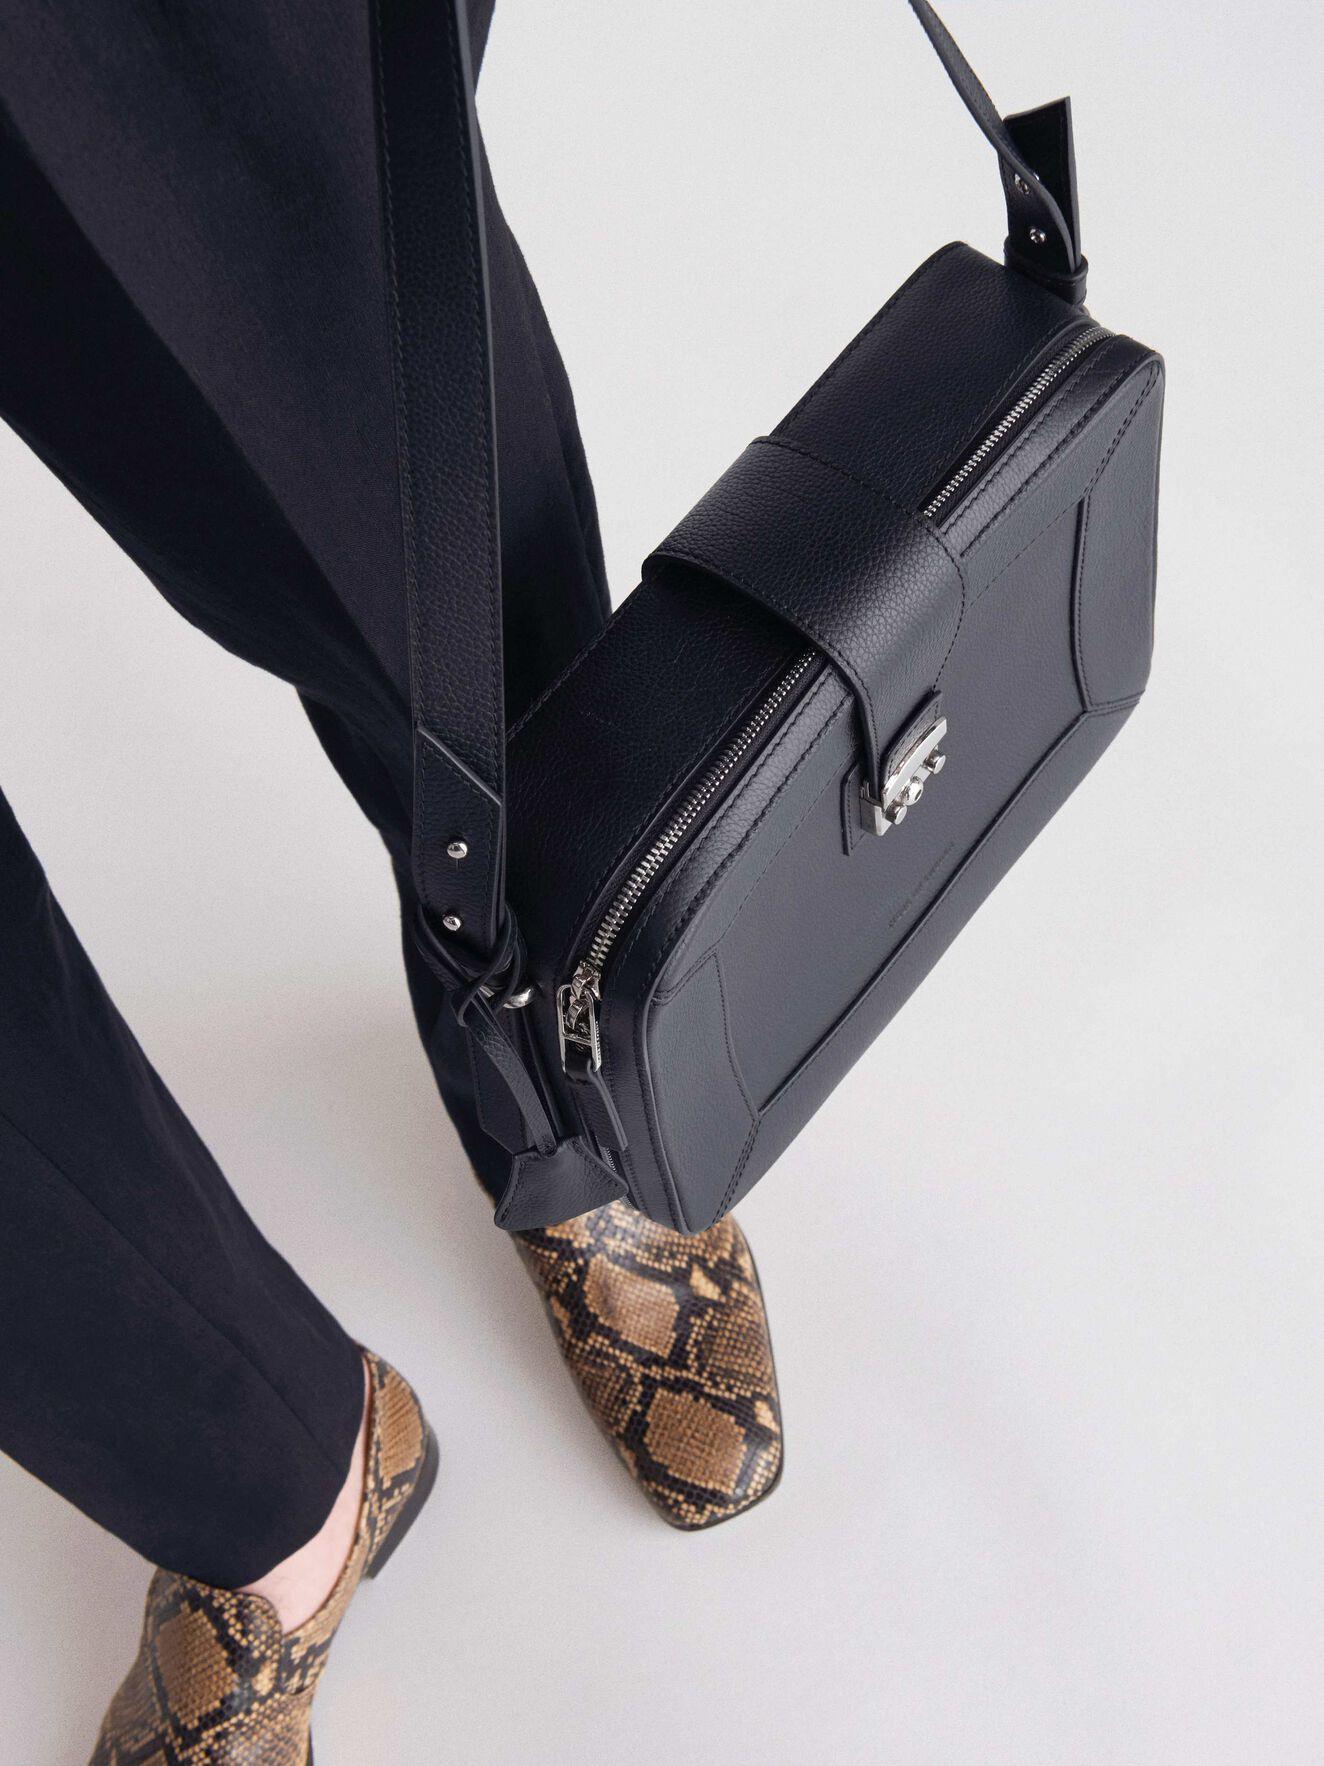 Solen S Shoes in BEIGE MELANGE from Tiger of Sweden